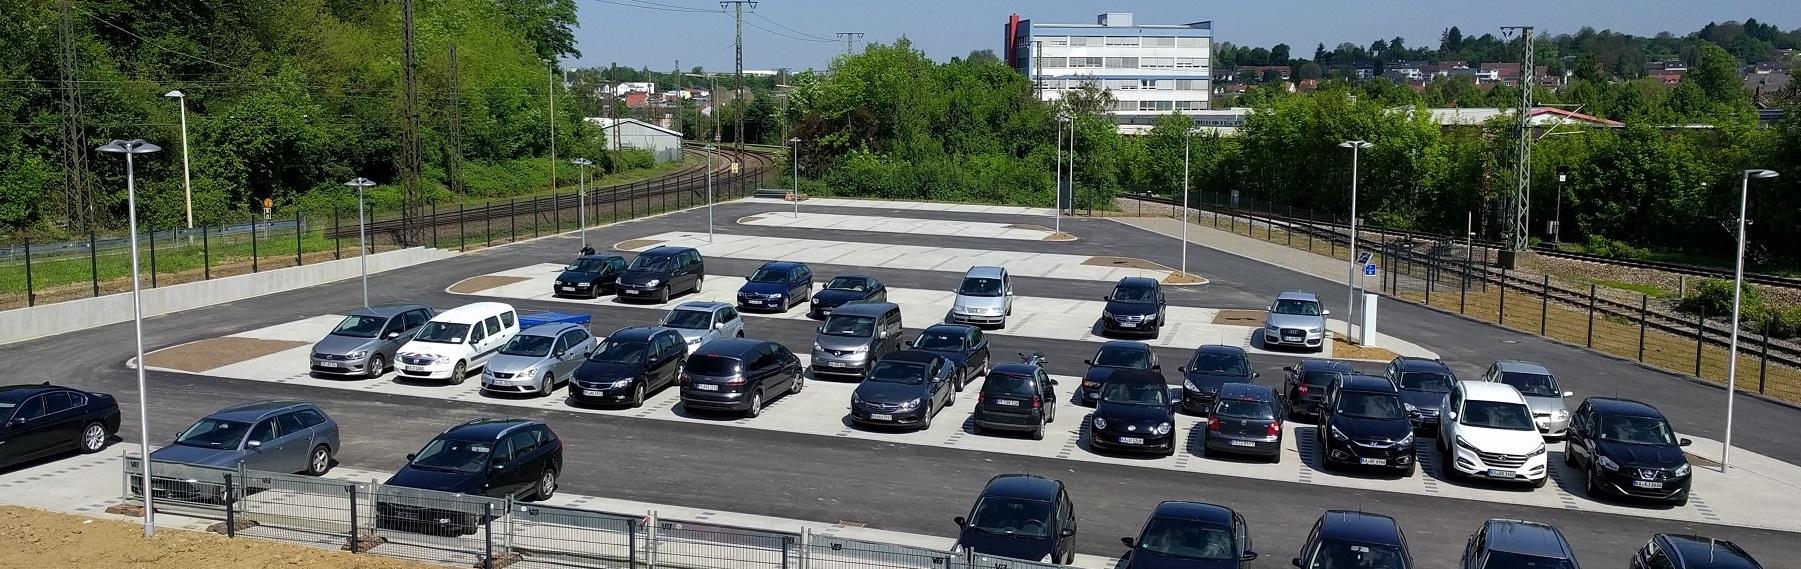 Parkplatz in der Hermann-Beuttenmüller-Straße